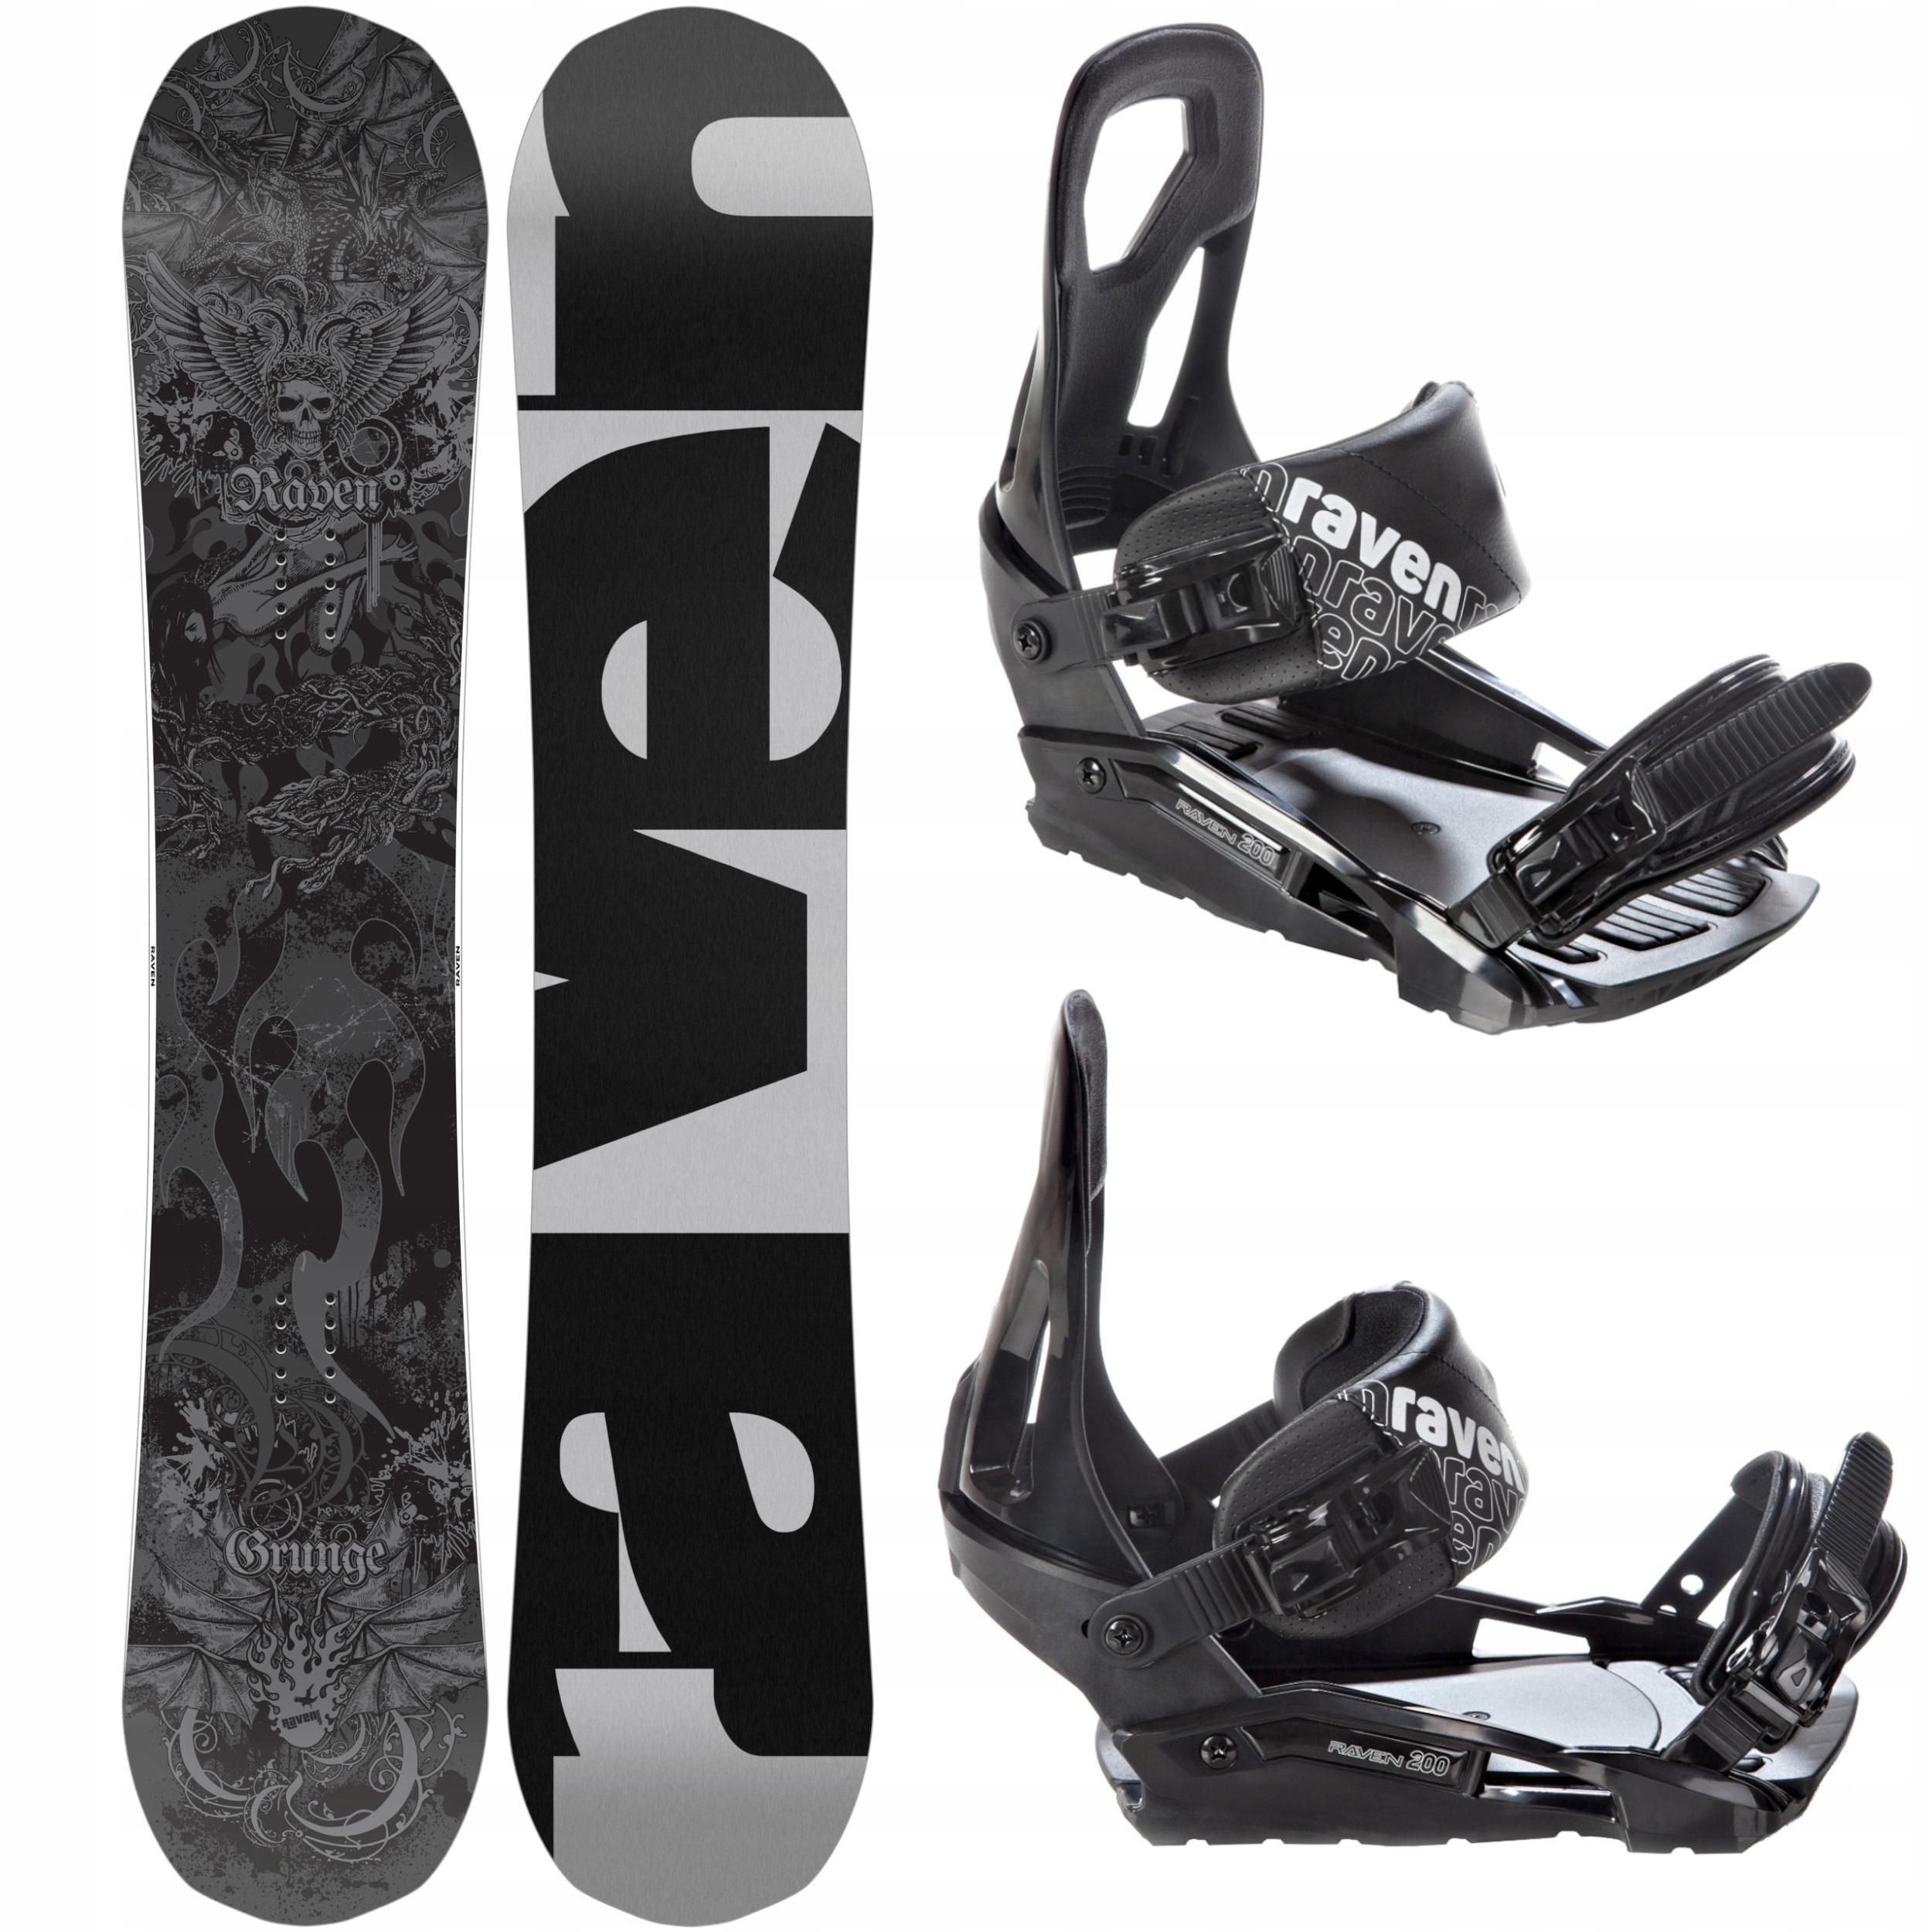 RAVEN snowboard Grunge 153cm 2019 + Záväzné S200